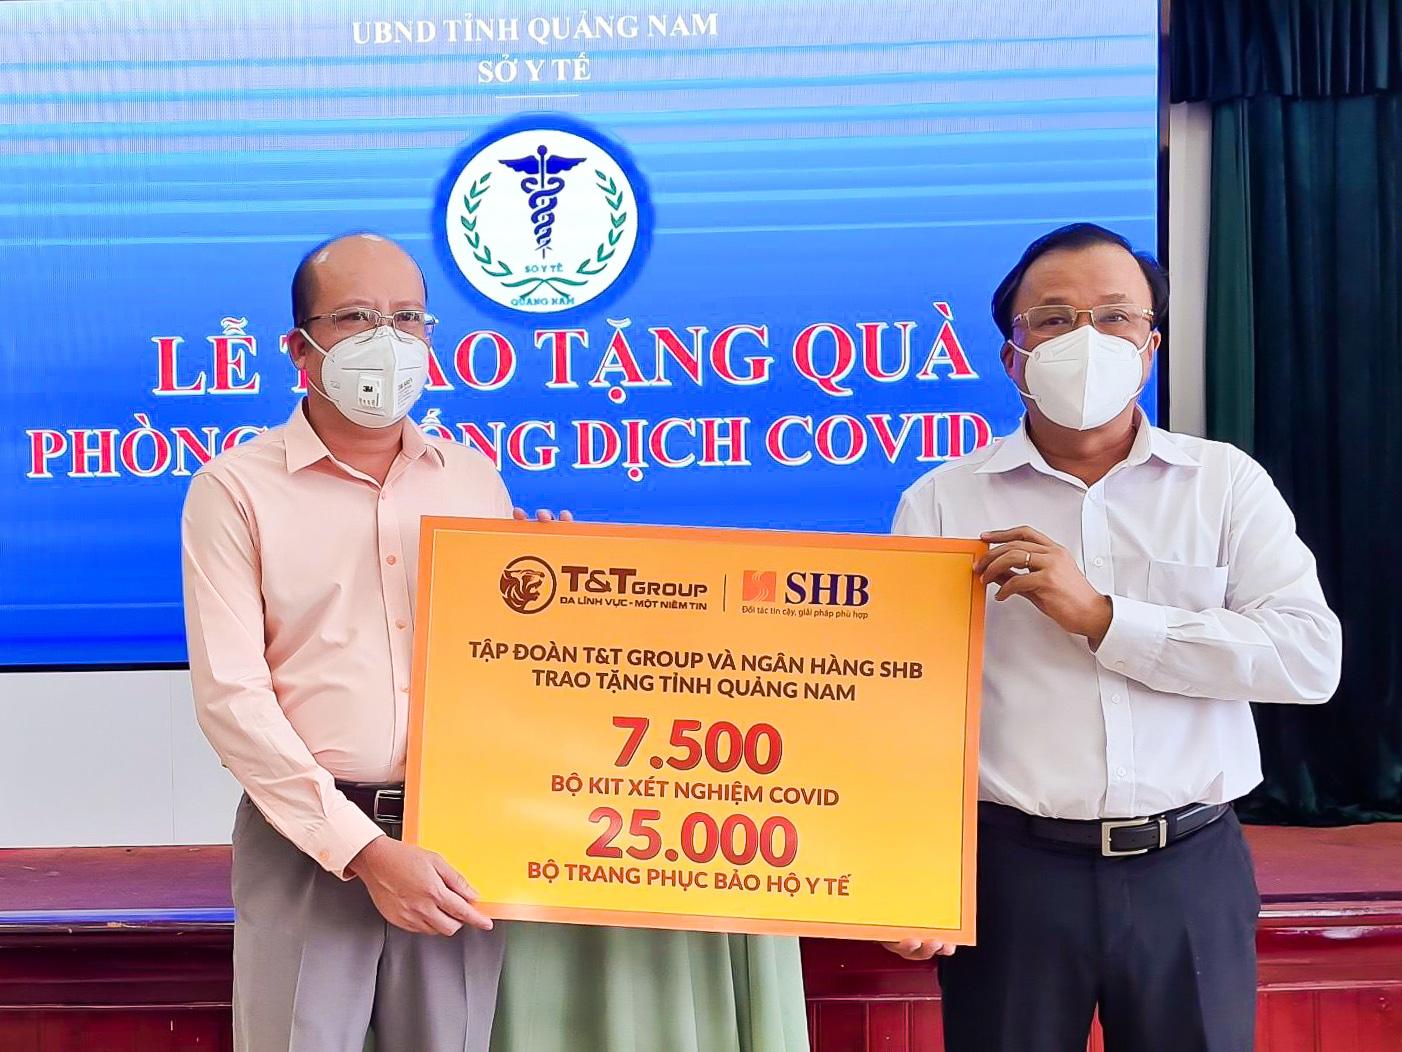 SHB và T&T Group tiếp tục ủng hộ hàng ngàn kit xét nghiệm tiếp sức cho Quảng Nam chống dịch - Ảnh 1.